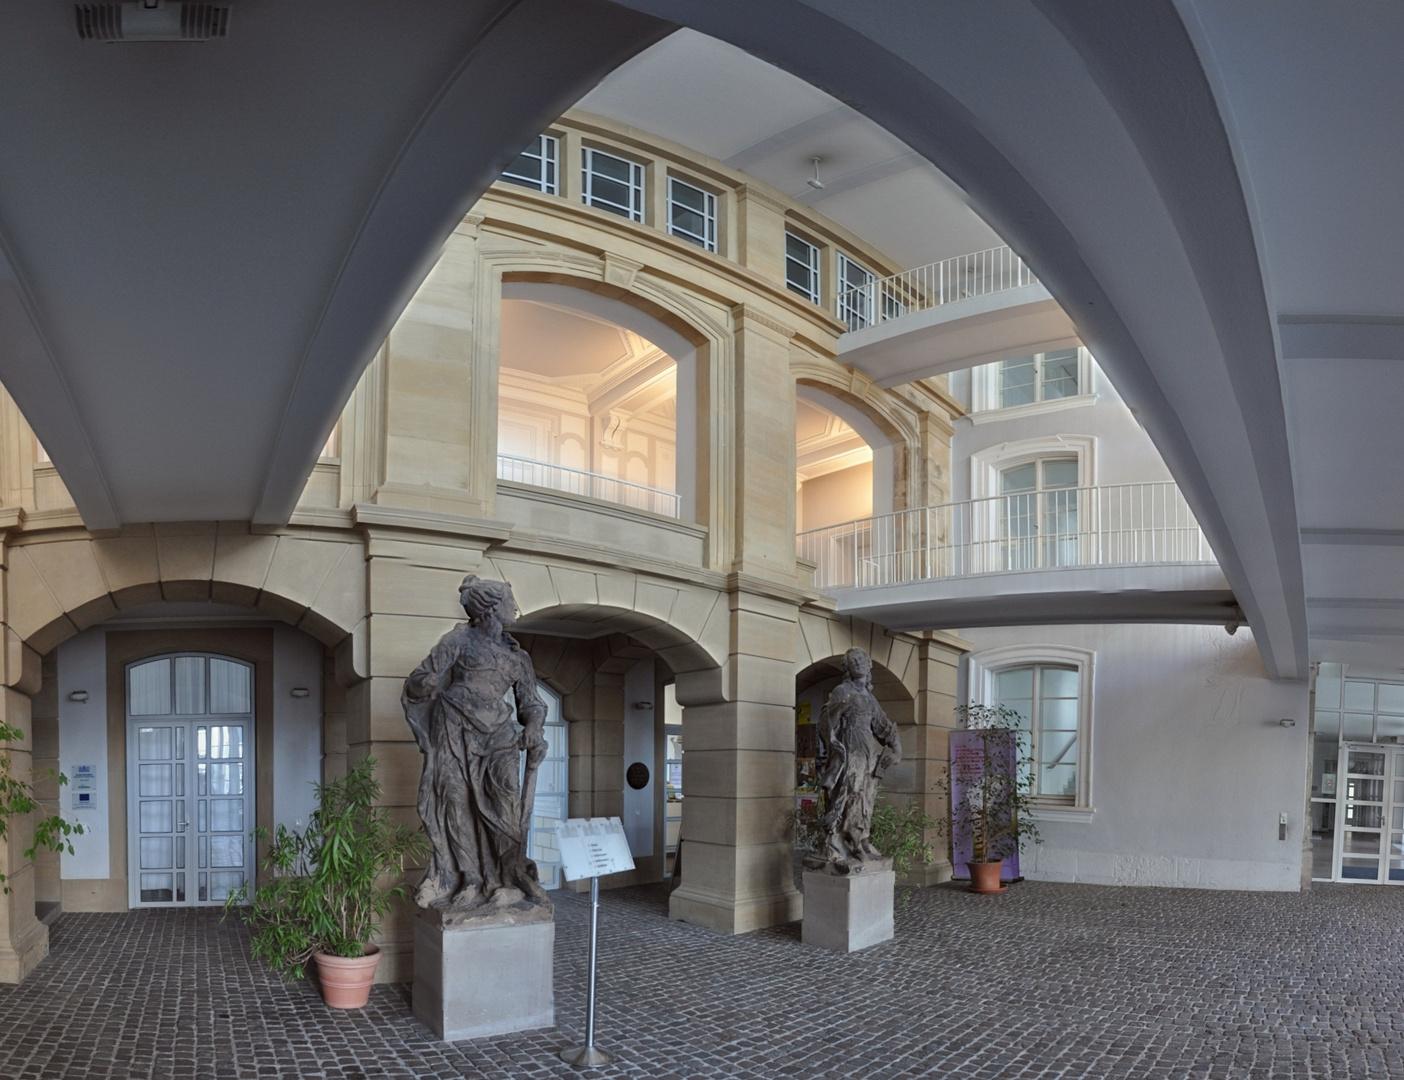 Eingangshalle des Saarbrücker Schlosses